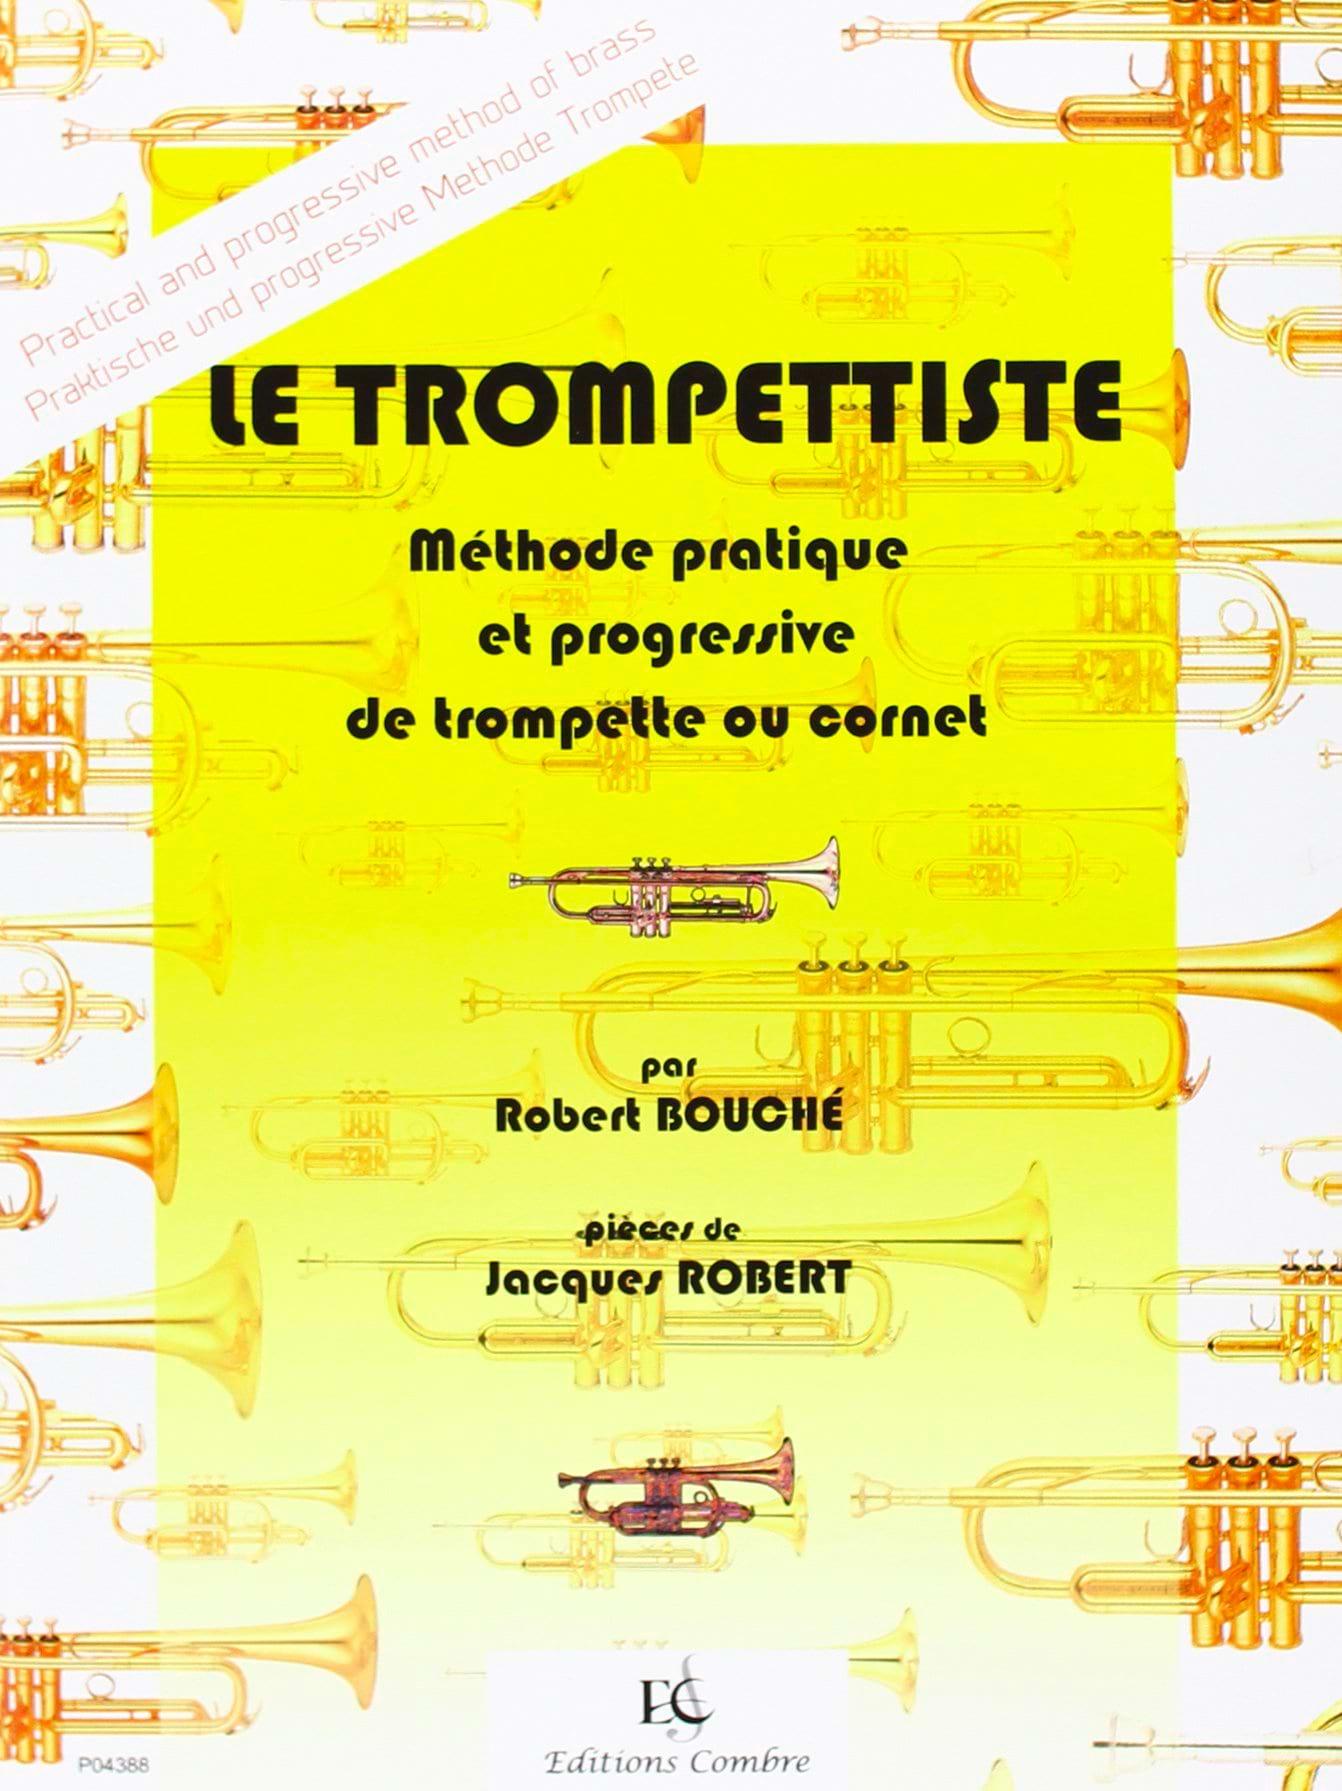 Le trompettiste - Robert Bouché - Partition - laflutedepan.com